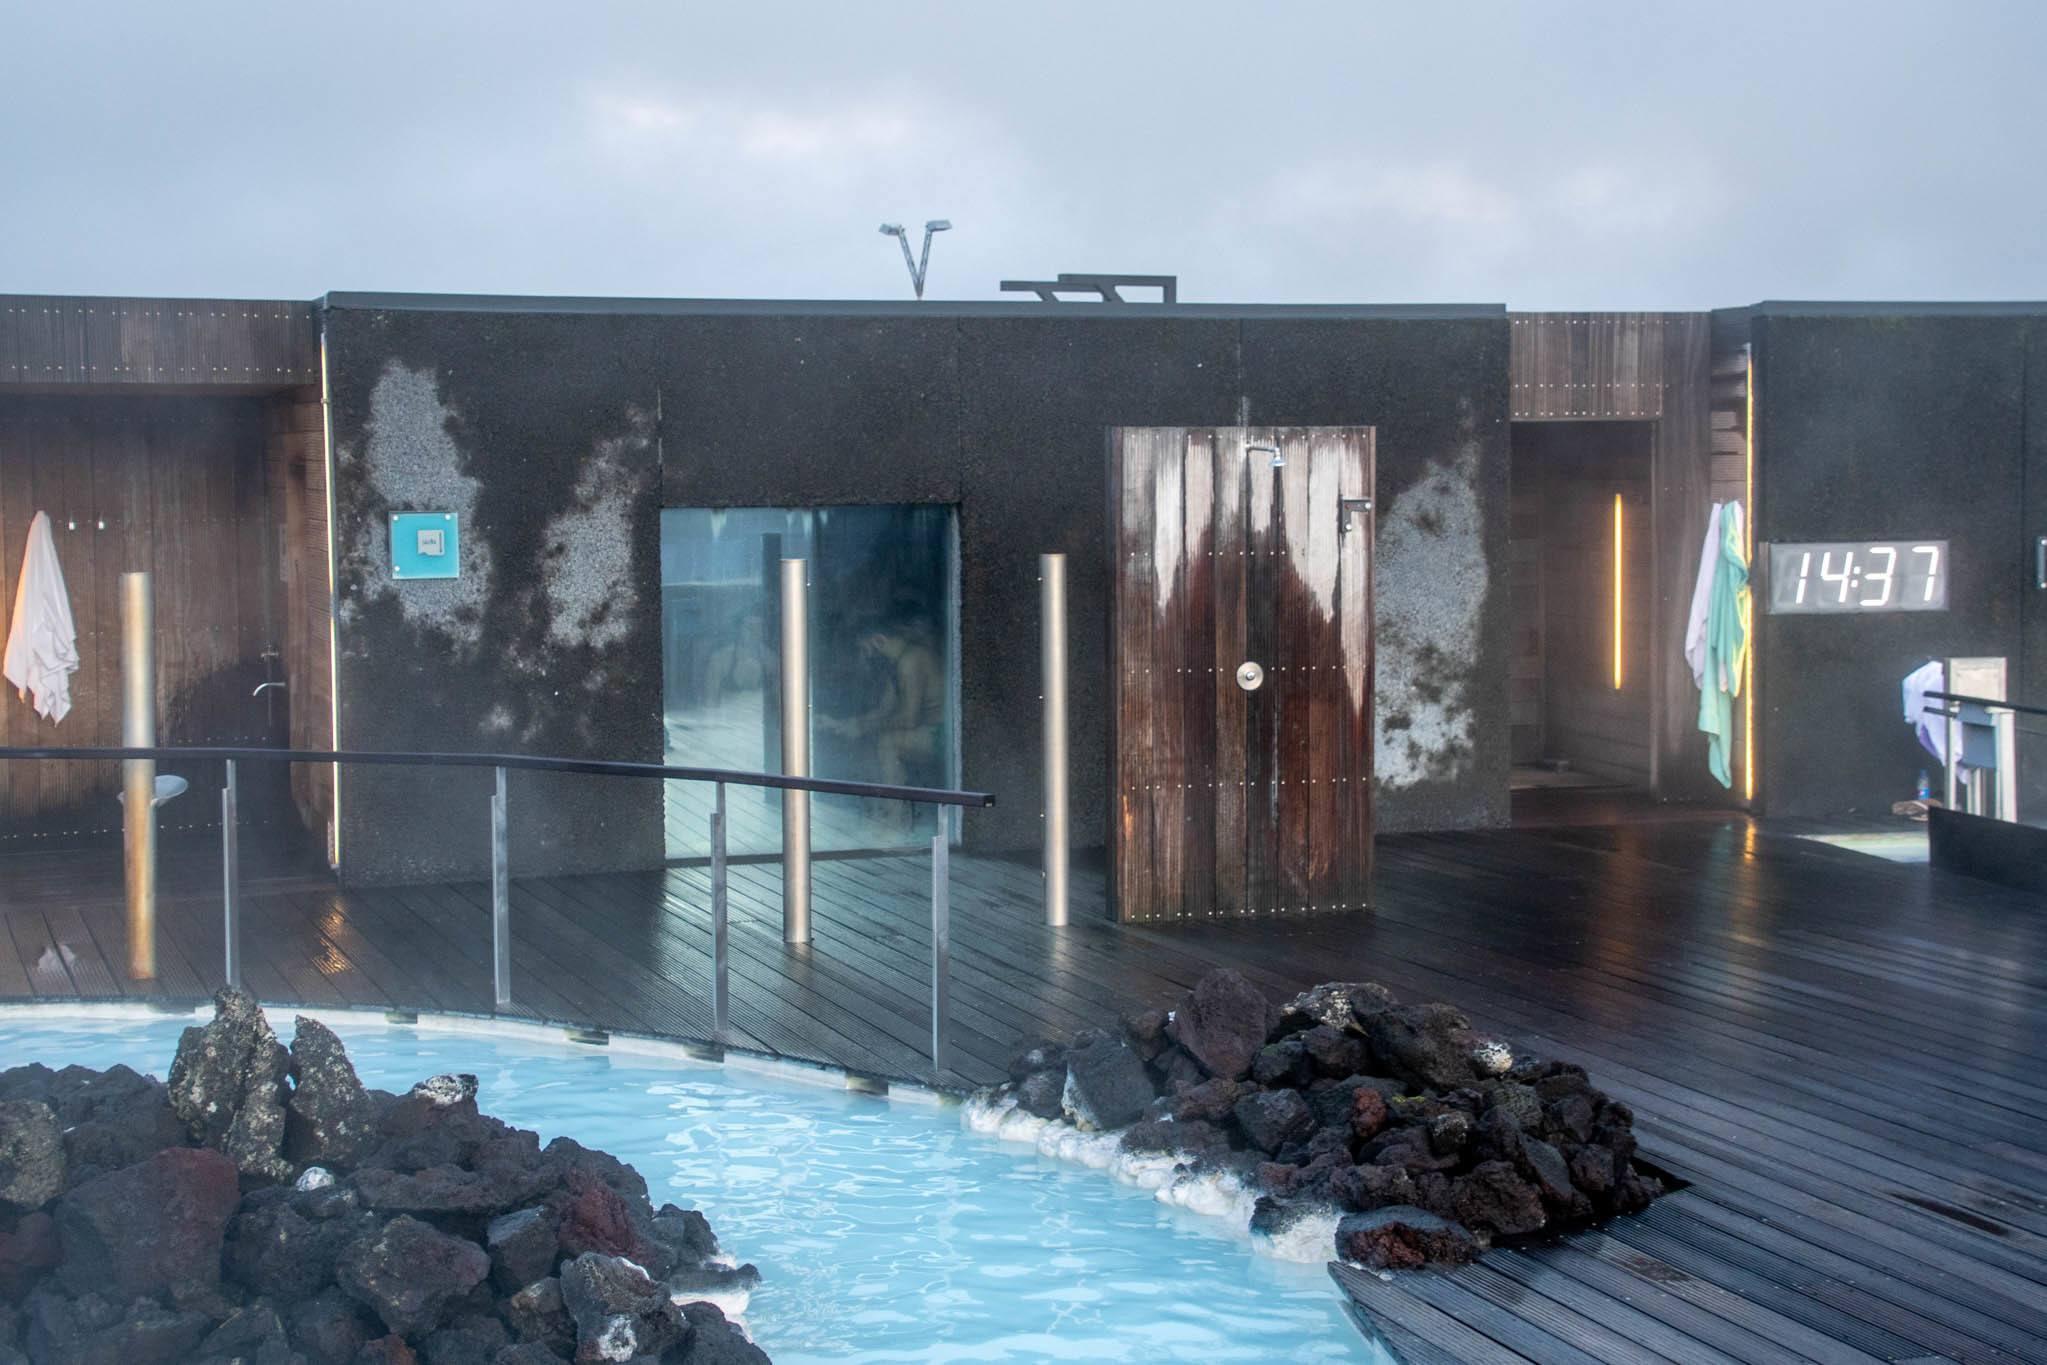 The saunas